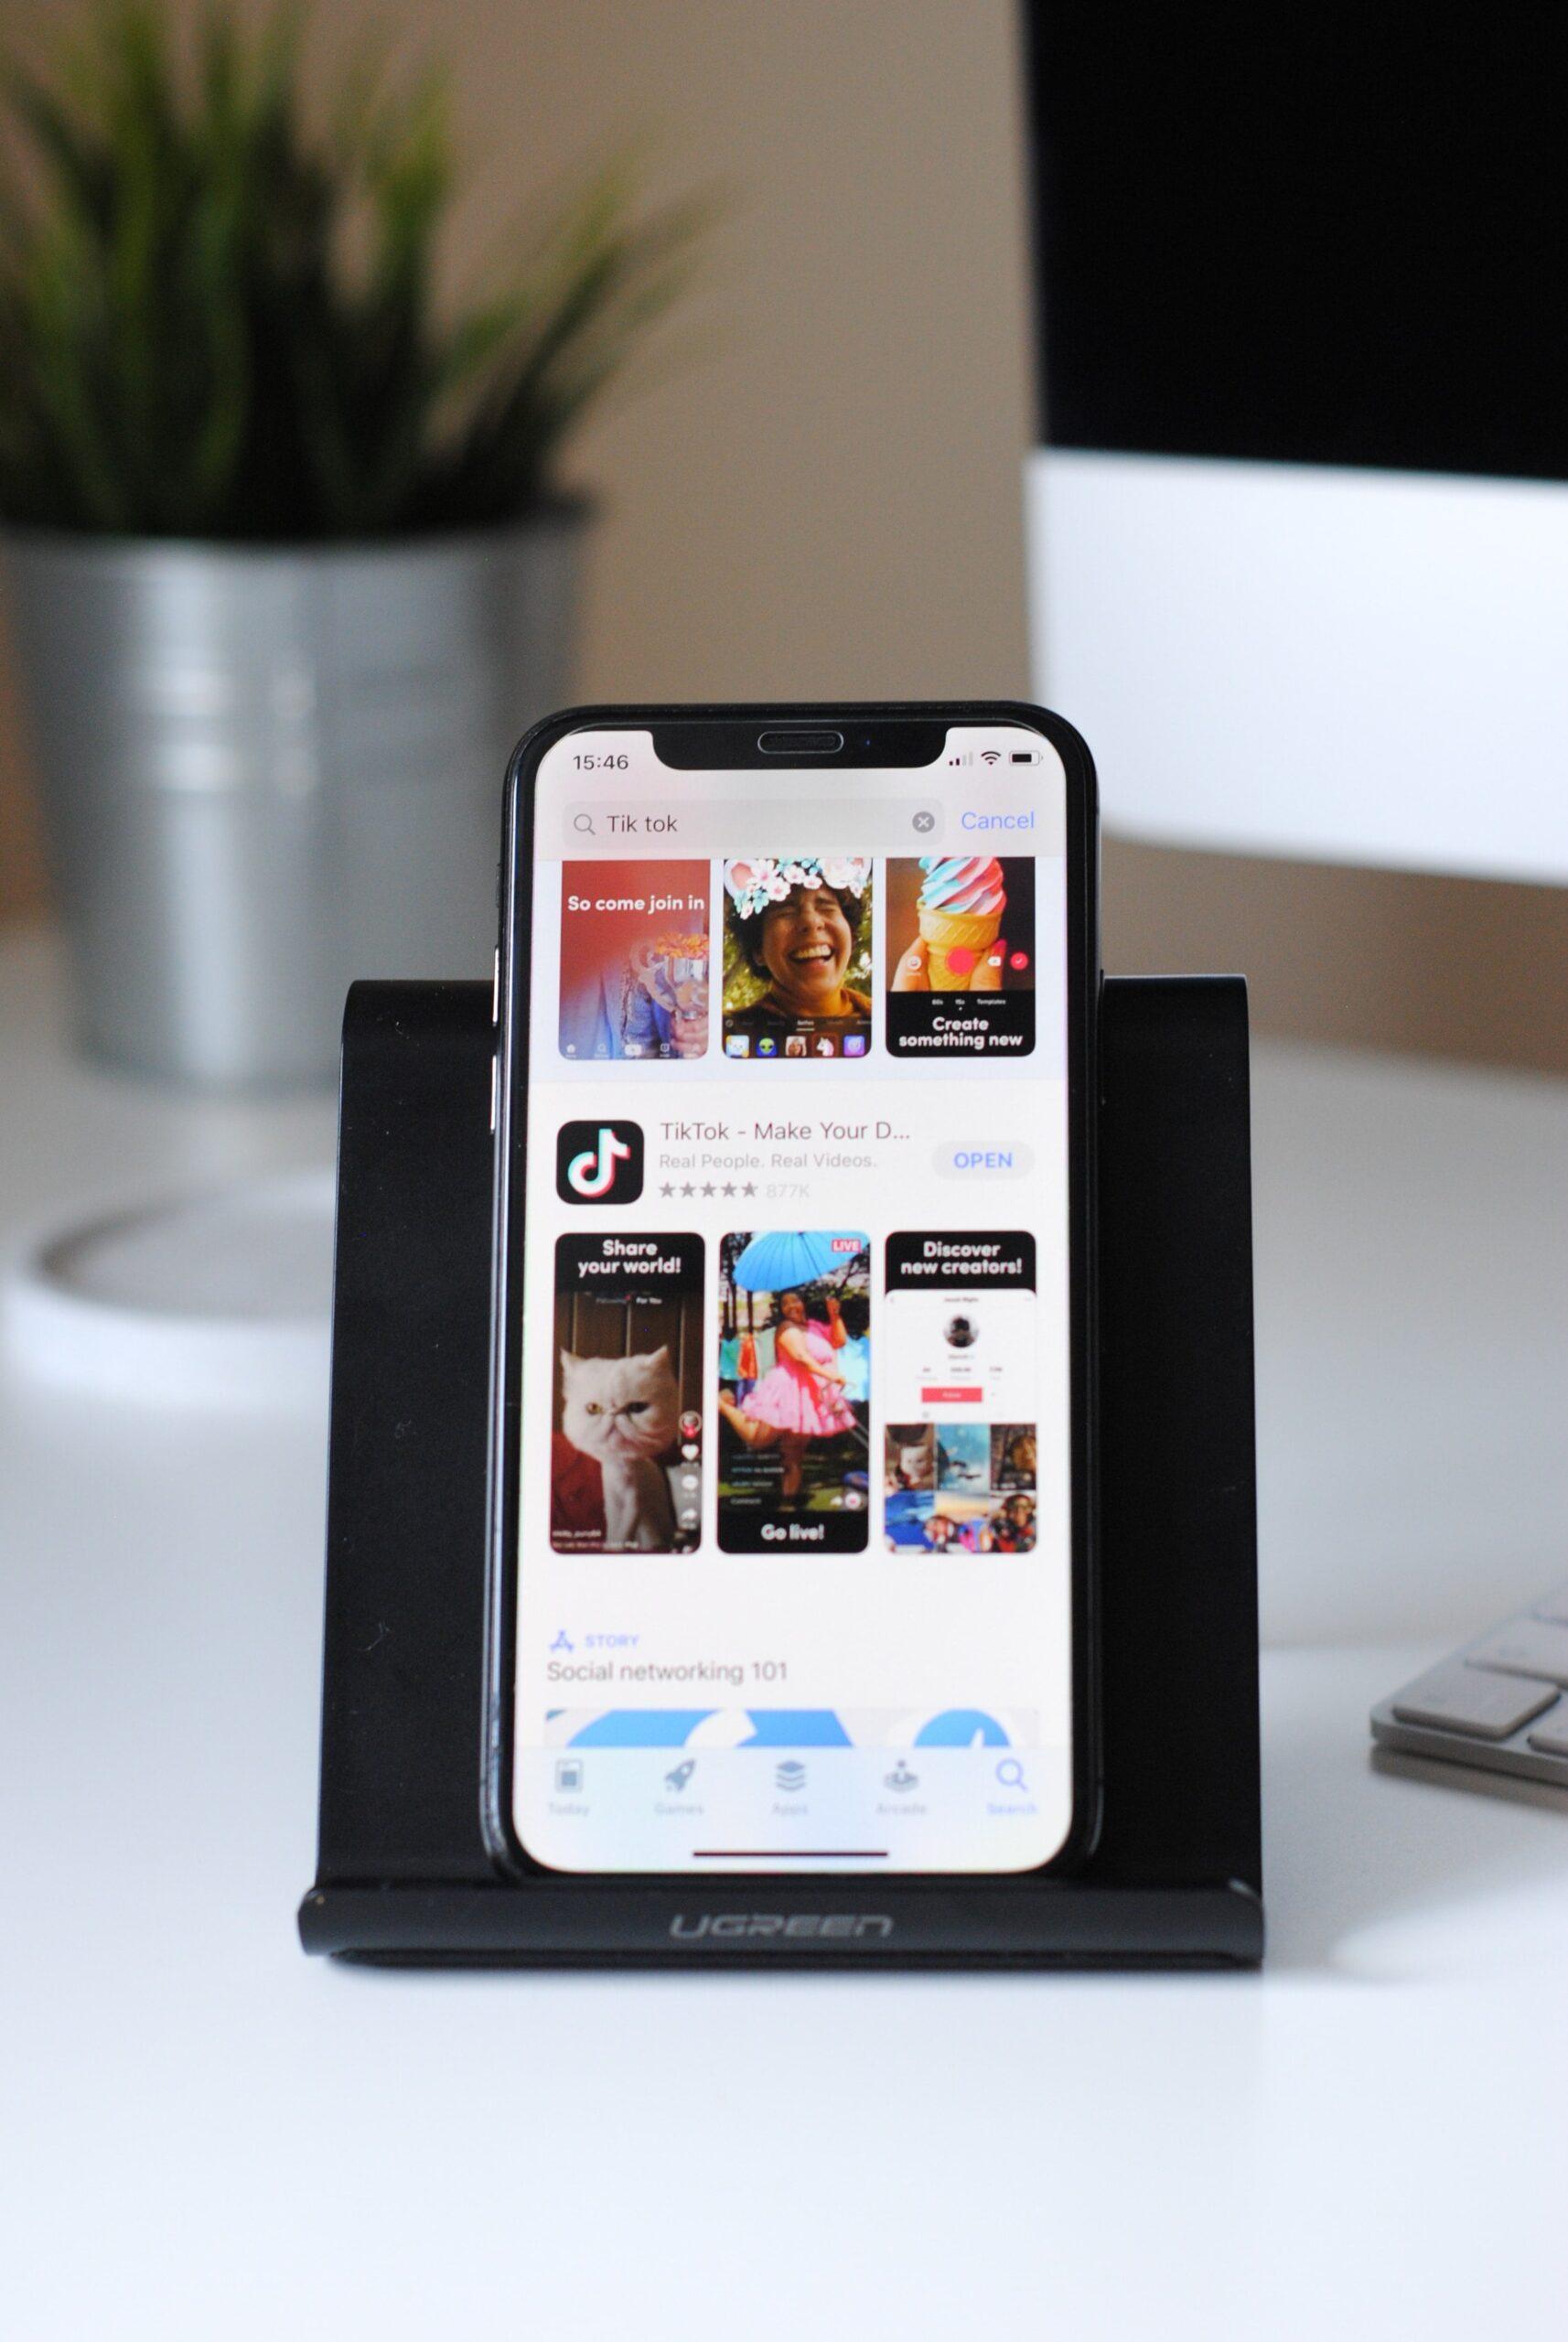 Dock con iPhone y tendencias de Tik Tok=